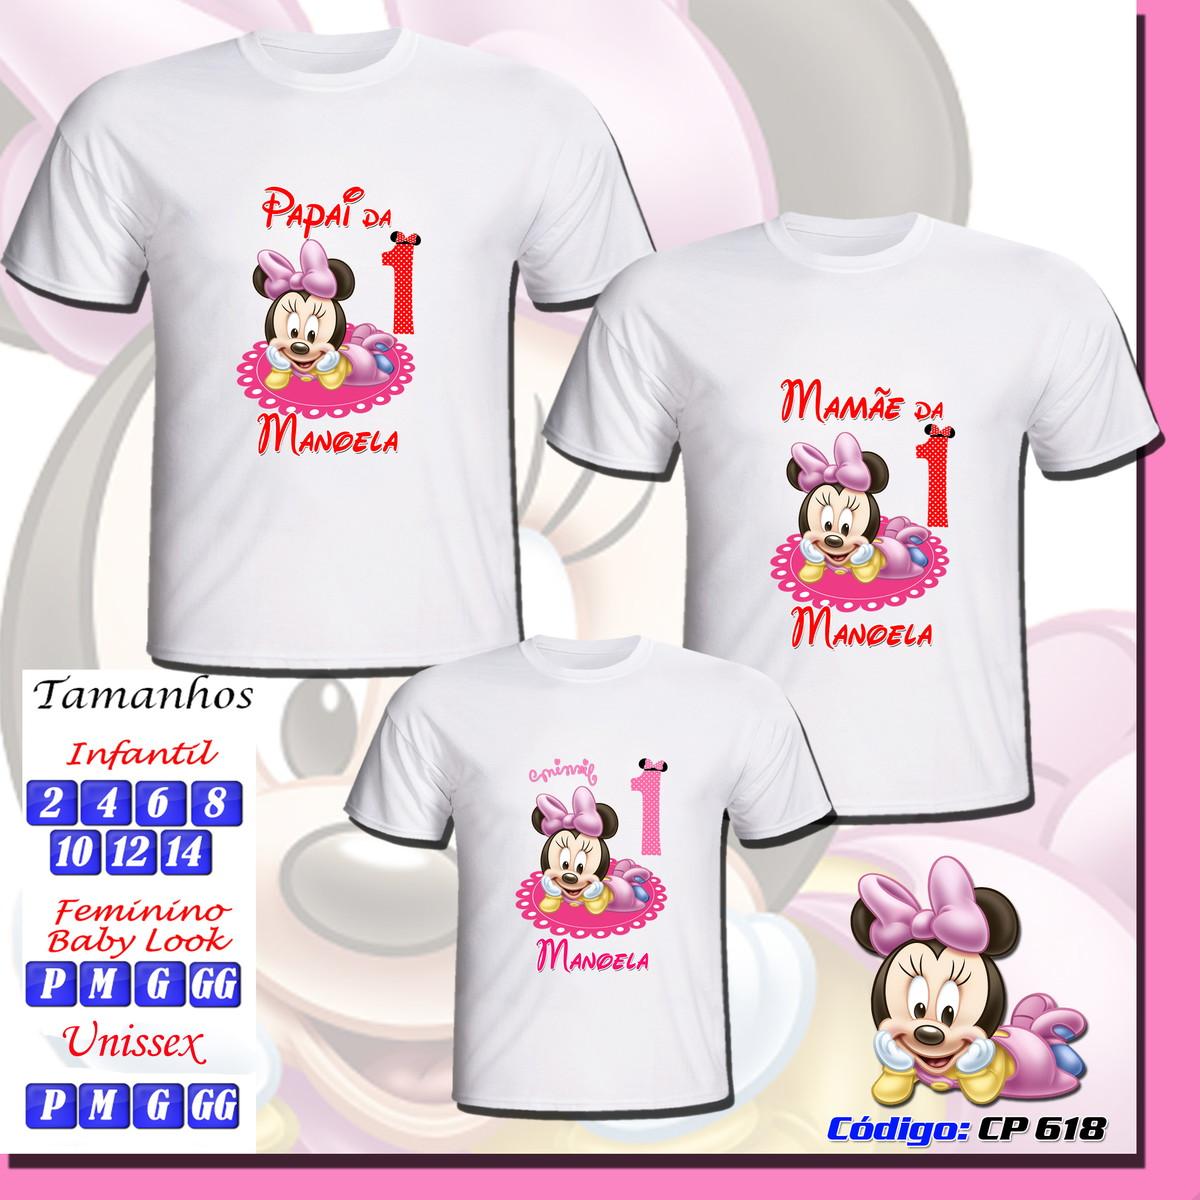 7763e48af7 Kit 3 Camisetas Festa Minnie no Elo7